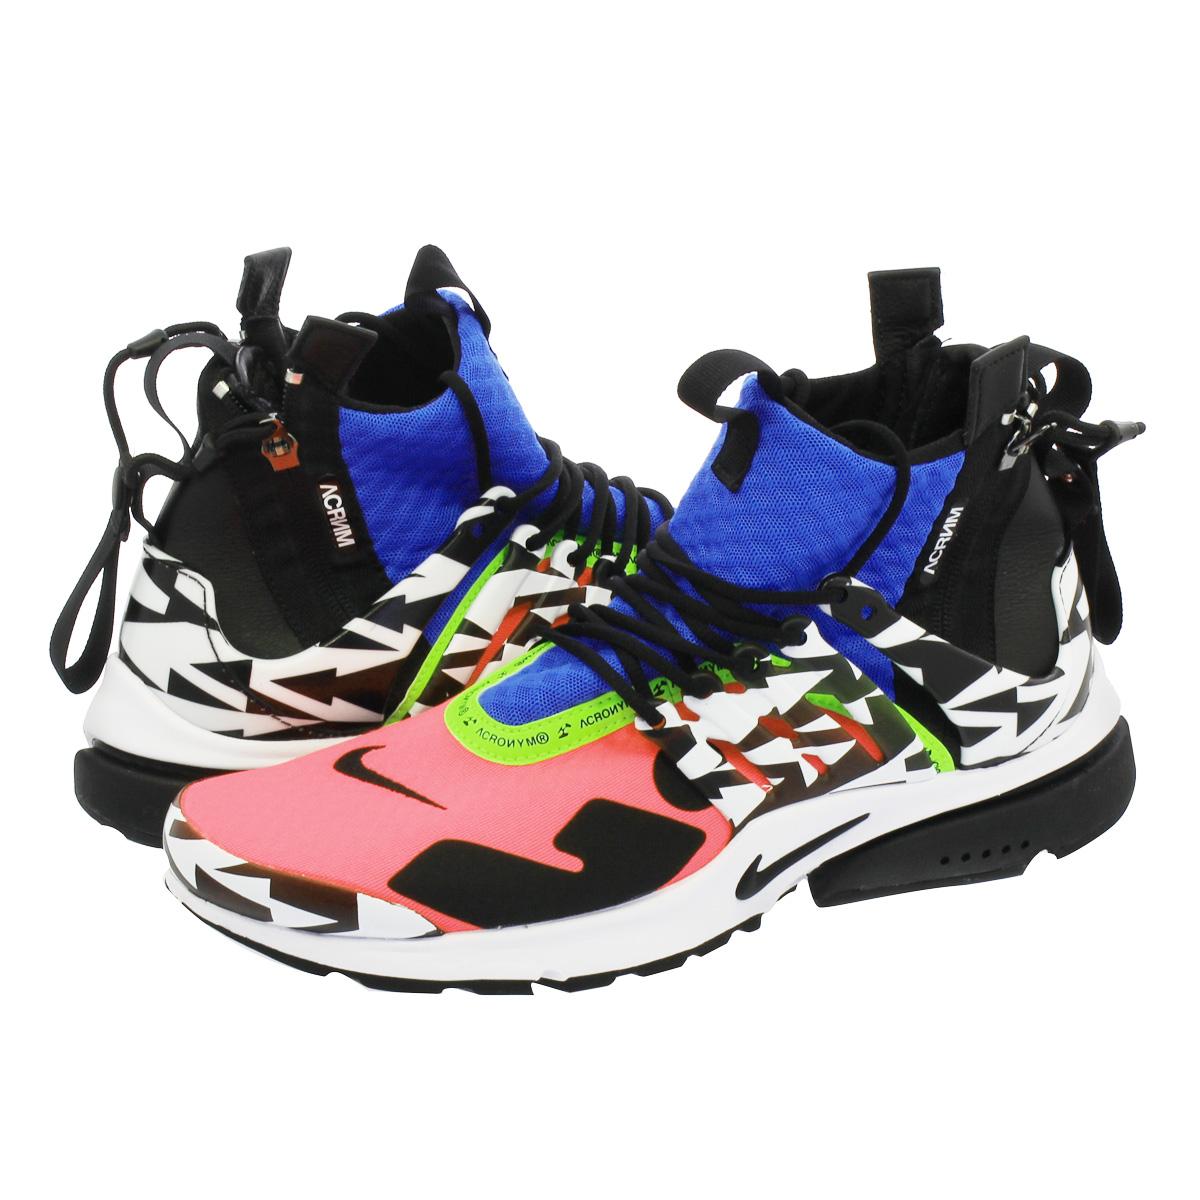 【送料無料】【NIKE ナイキ】メンズ レディース 靴 スニーカー ピンク ブラック ブルー ホワイト 白 黒 ah7832-600 【毎日がお得!値下げプライス】NIKE × ACRONYM AIR PRESTO MID ナイキ アクロニウム エア プレスト ミッド RACER PINK/BLACK/PHOTO BLUE/WHITE ah7832-600